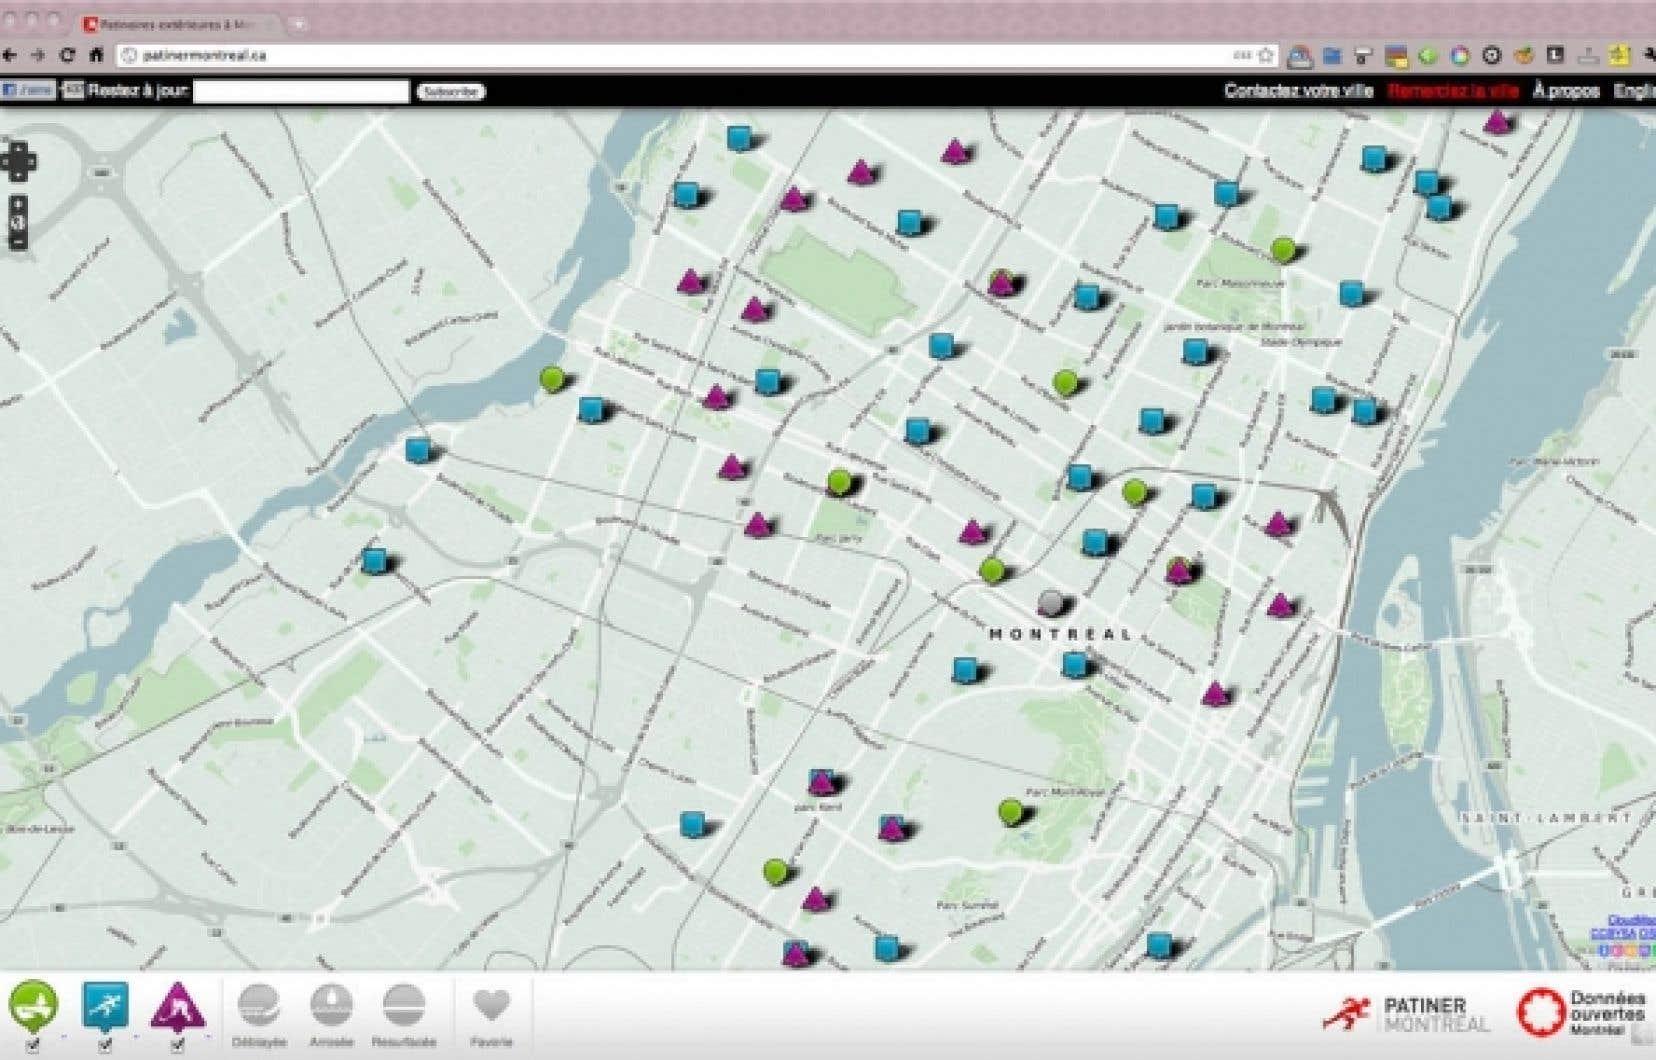 Patinermontreal.ca livre les informations sur l'état des patinoires et des sentiers de ski de la ville, que le citoyen peut consulter par l'entremise de cette application pour appareil mobile.